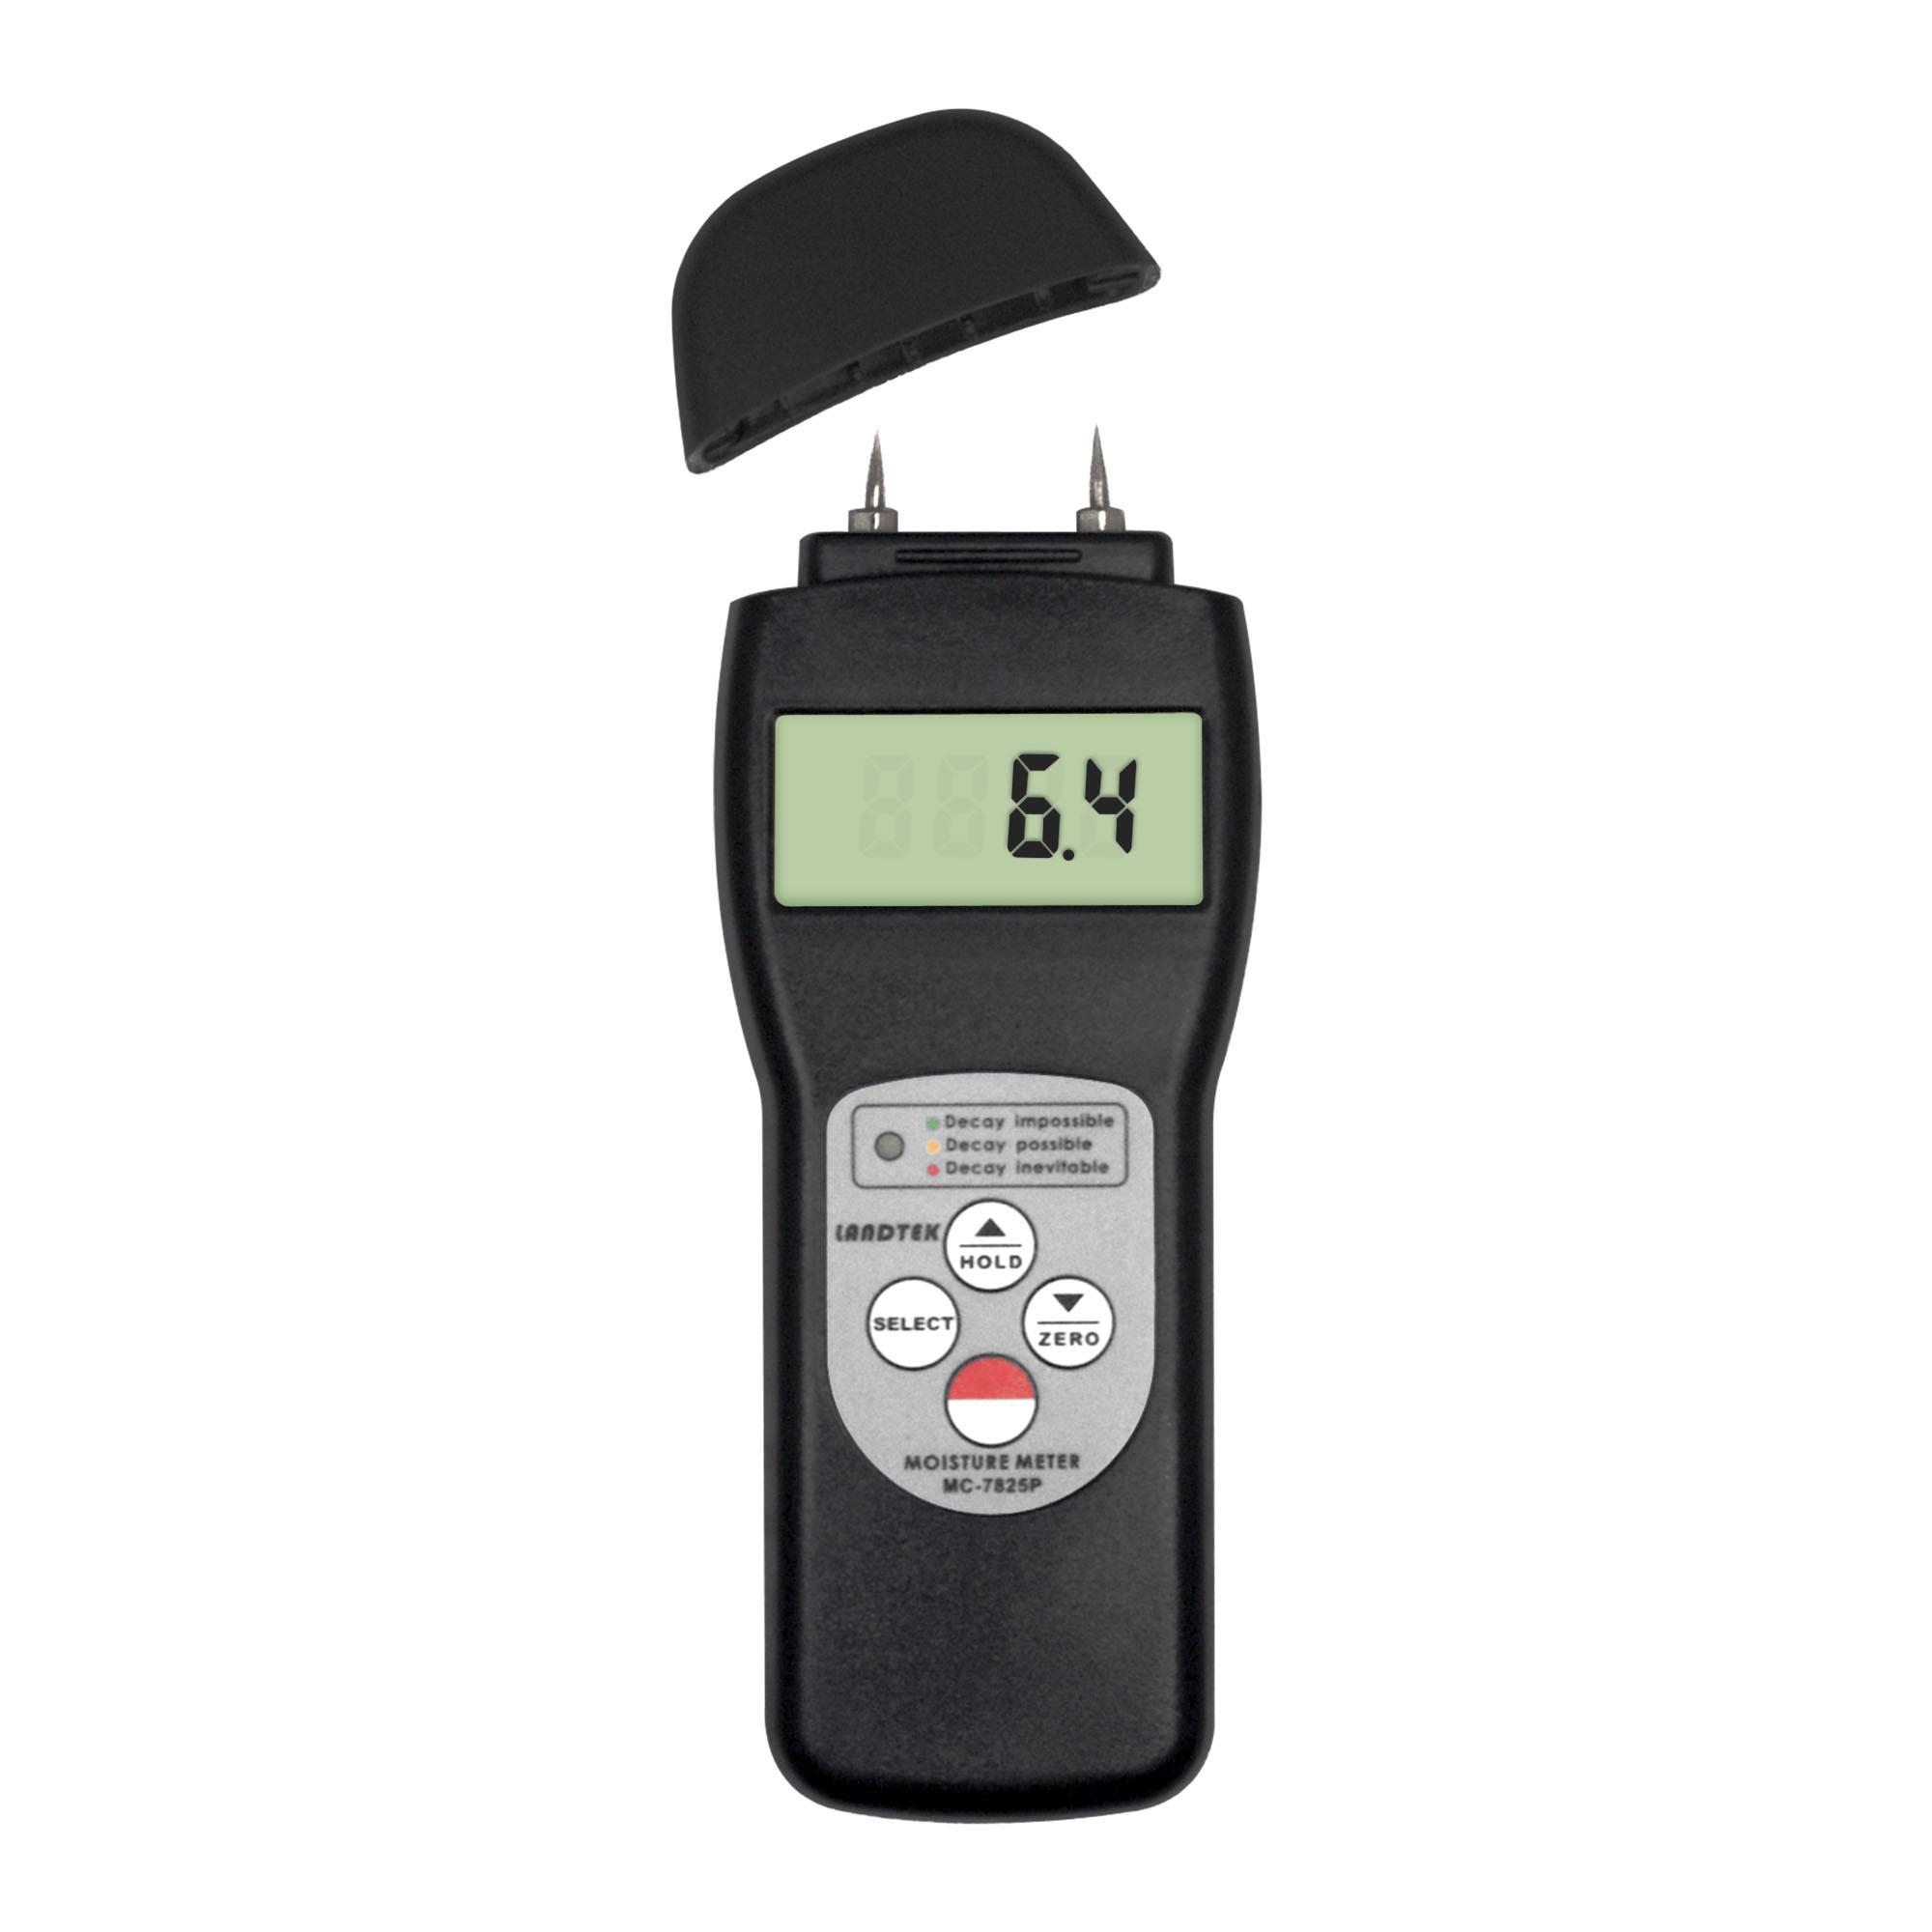 广州兰泰水分仪(针式)MC7825P